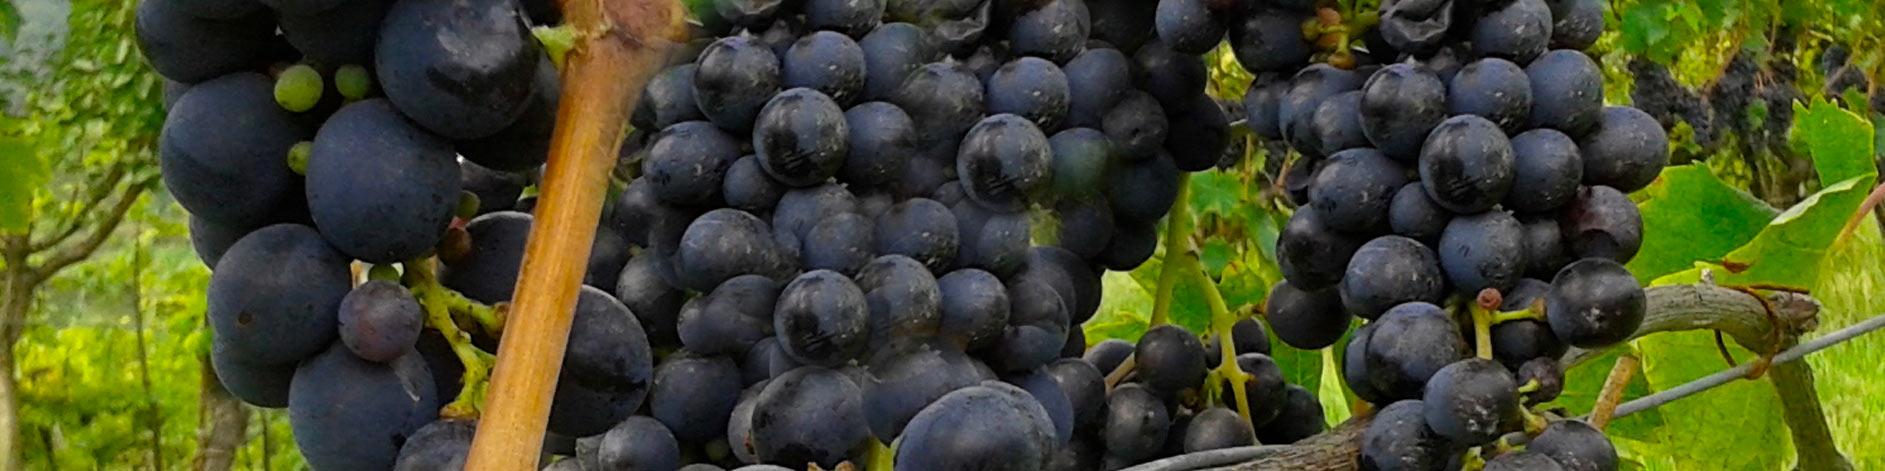 vino Dionisio azienda agricola la meridiana vini neri